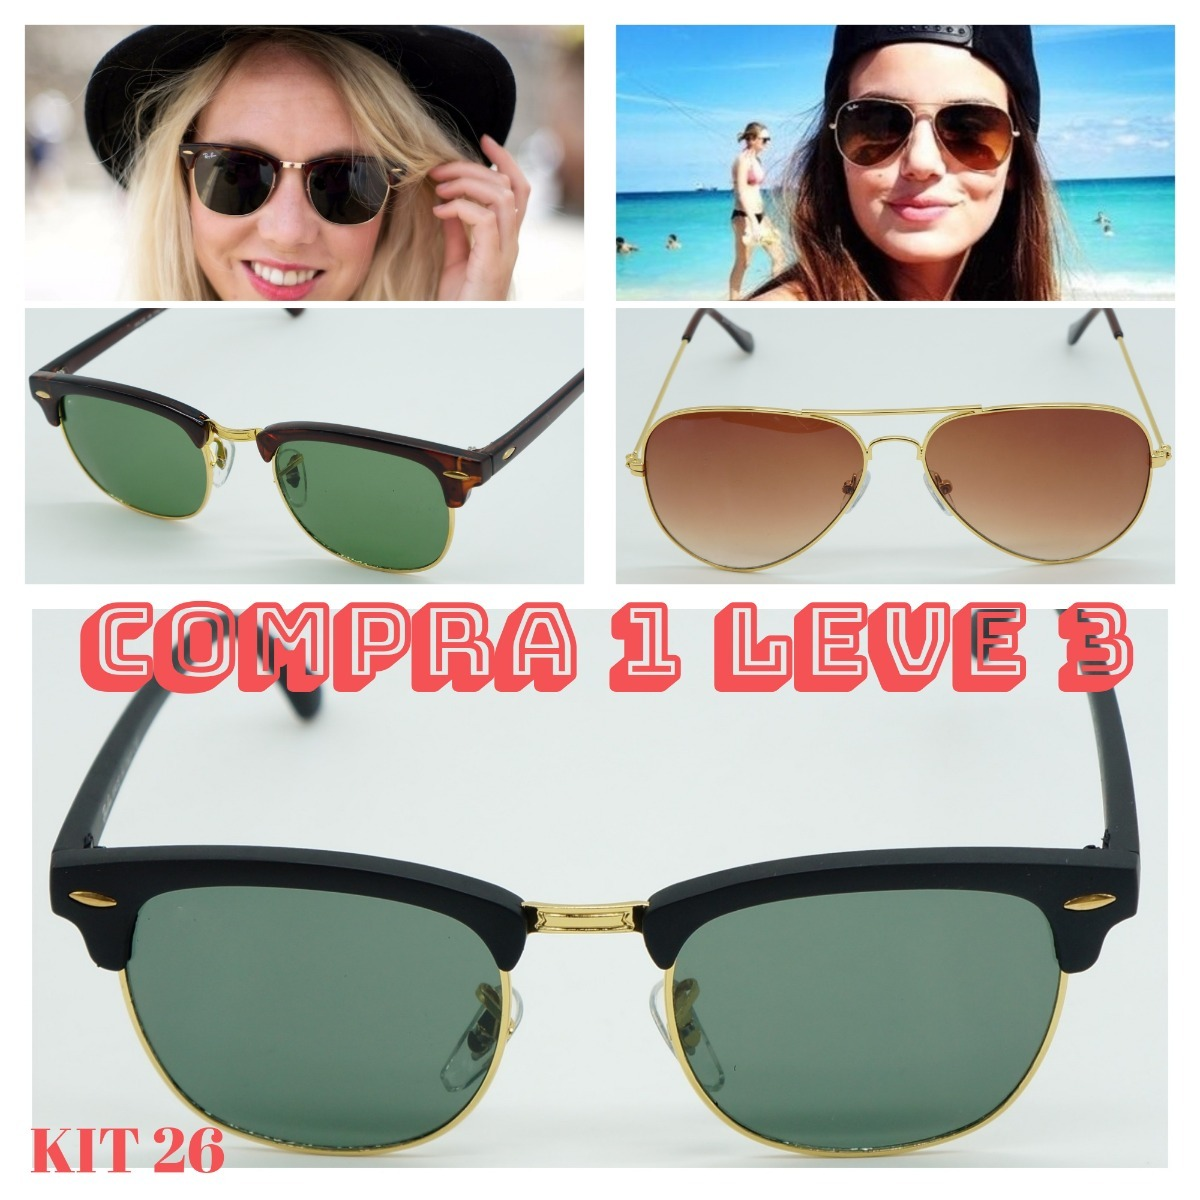 d1aebf21dcea0 óculos de sol club master retro feminino cristal moda verão. Carregando  zoom.